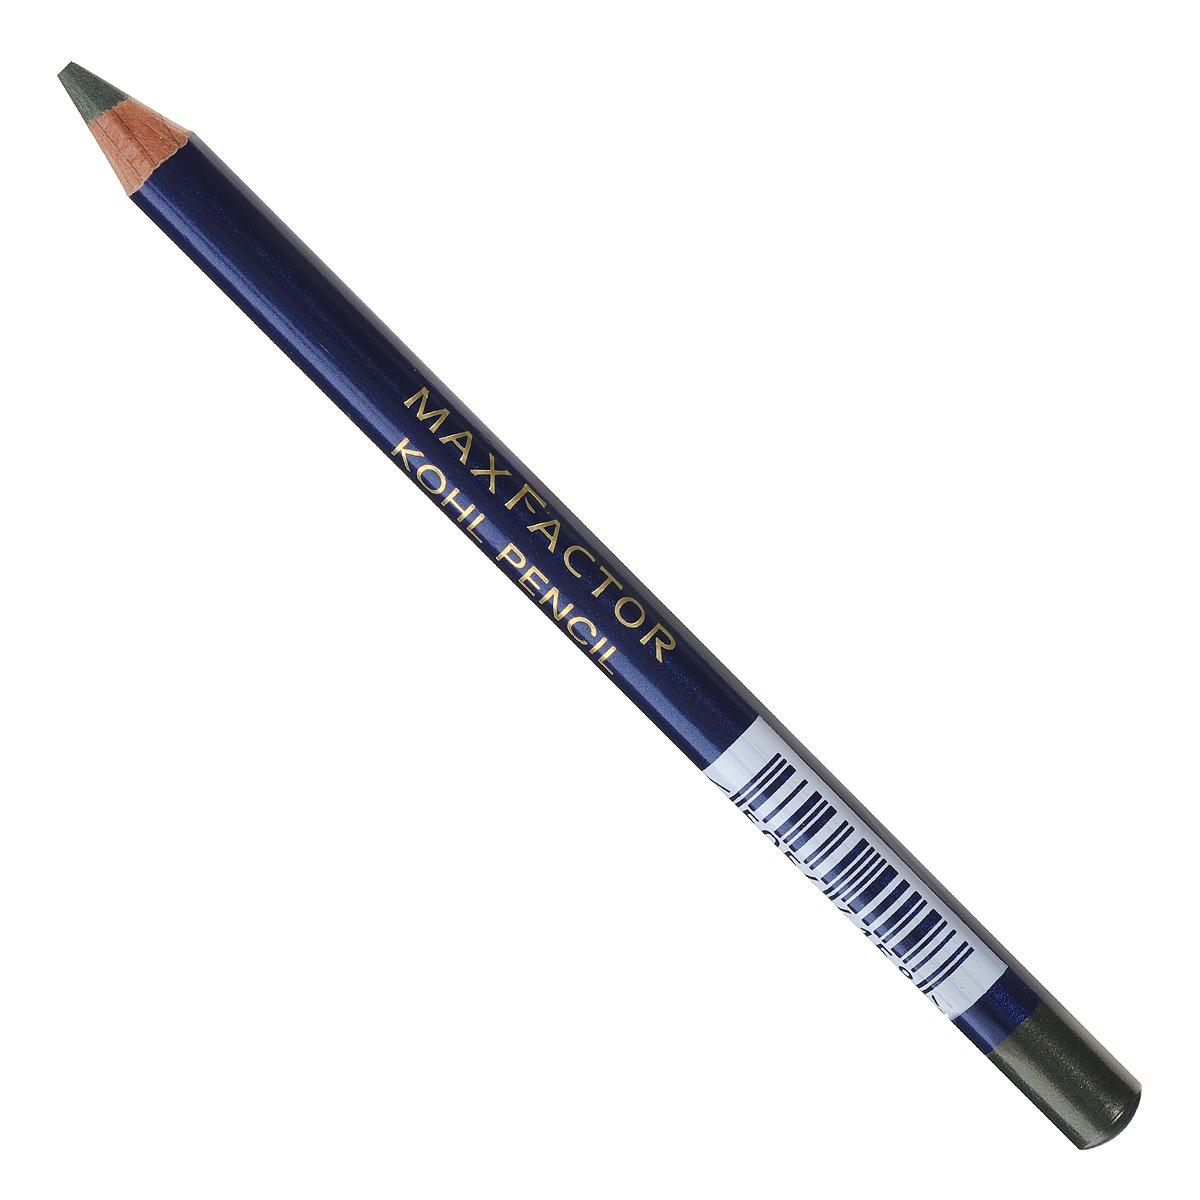 Max Factor Карандаш для глаз Kohl Pencil, тон №070 Olive, цвет: оливковый5010777139655Карандаш Kohl Pencil - твое секретное оружие для супер-сексуального взгляда. - Ультра-мягкий карандаш нежно касается века. - Достаточно плотный, чтобы рисовать тонкие линии. - Растушуй линию, чтобы добиться стильного неряшливого эффекта. Идеален для создания сексуального эффекта смоки айз.Протестировано офтальмологами и дерматологами. Подходит для чувствительных глаз и тех, кто носит контактные линзы.1. Смотри вниз и осторожно растяни глаз указательным пальцем. 2. Проведи аккуратную мягкую линию вдоль роста ресниц. 3. Карандаша Kohl pencil в сочетании с тушью будет достаточно, чтобы выделить глаза. 4. Наноси карандаш над тенями для более мягкого образа или под тенями, чтобы углубить их цвет. 5. Растушуй линию с помощью ватной палочки для эффекта смоки айз.